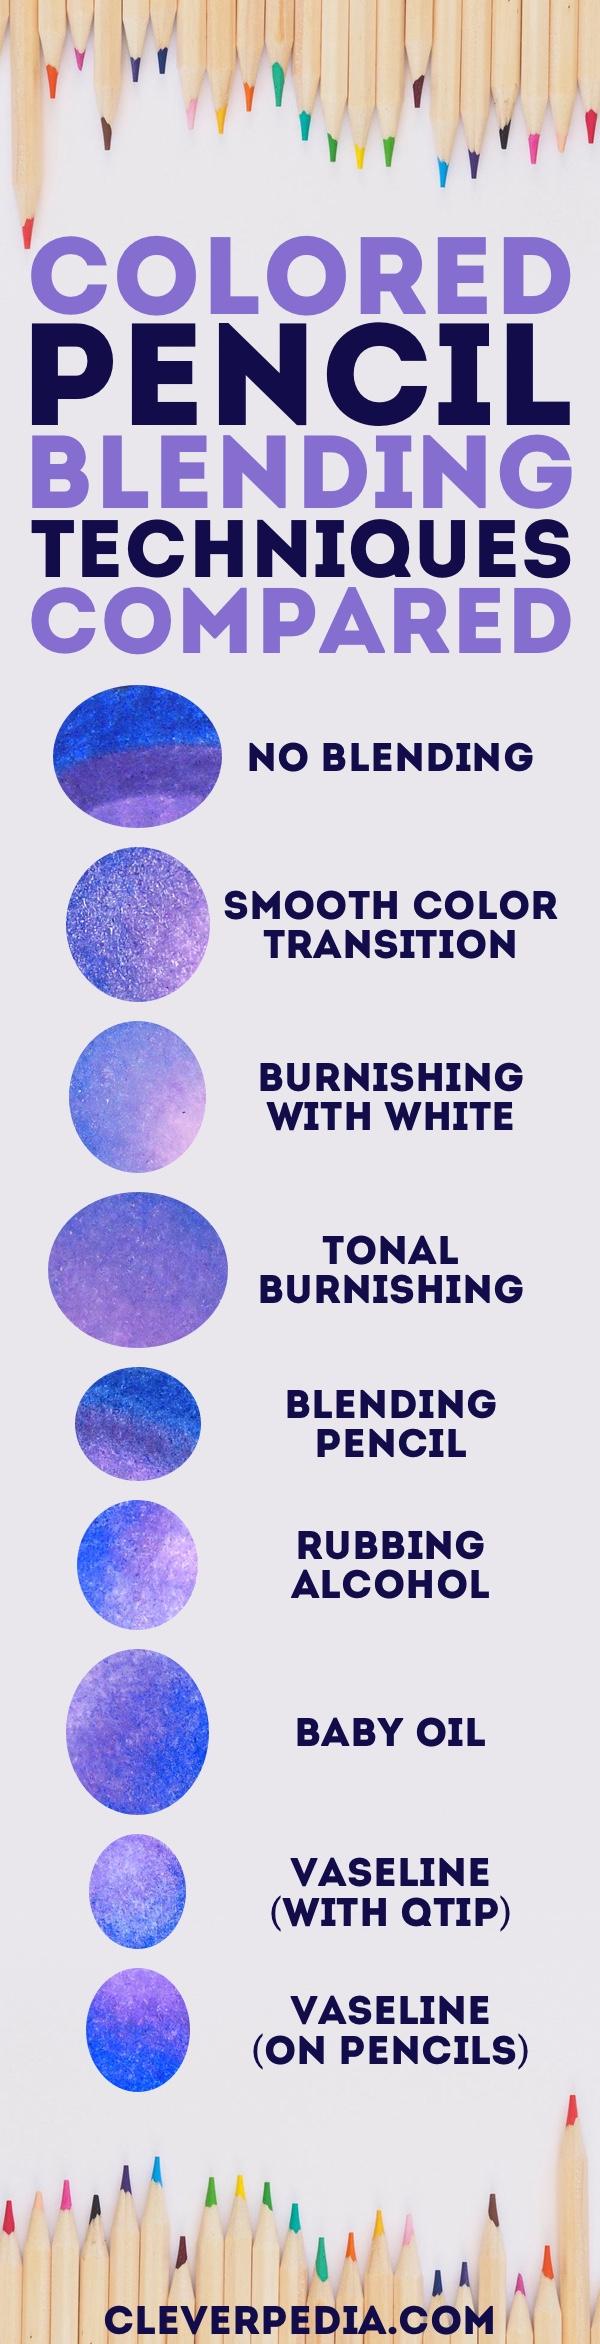 - Colored Pencil Blending Techniques: Pencil Tricks, Solvents & More